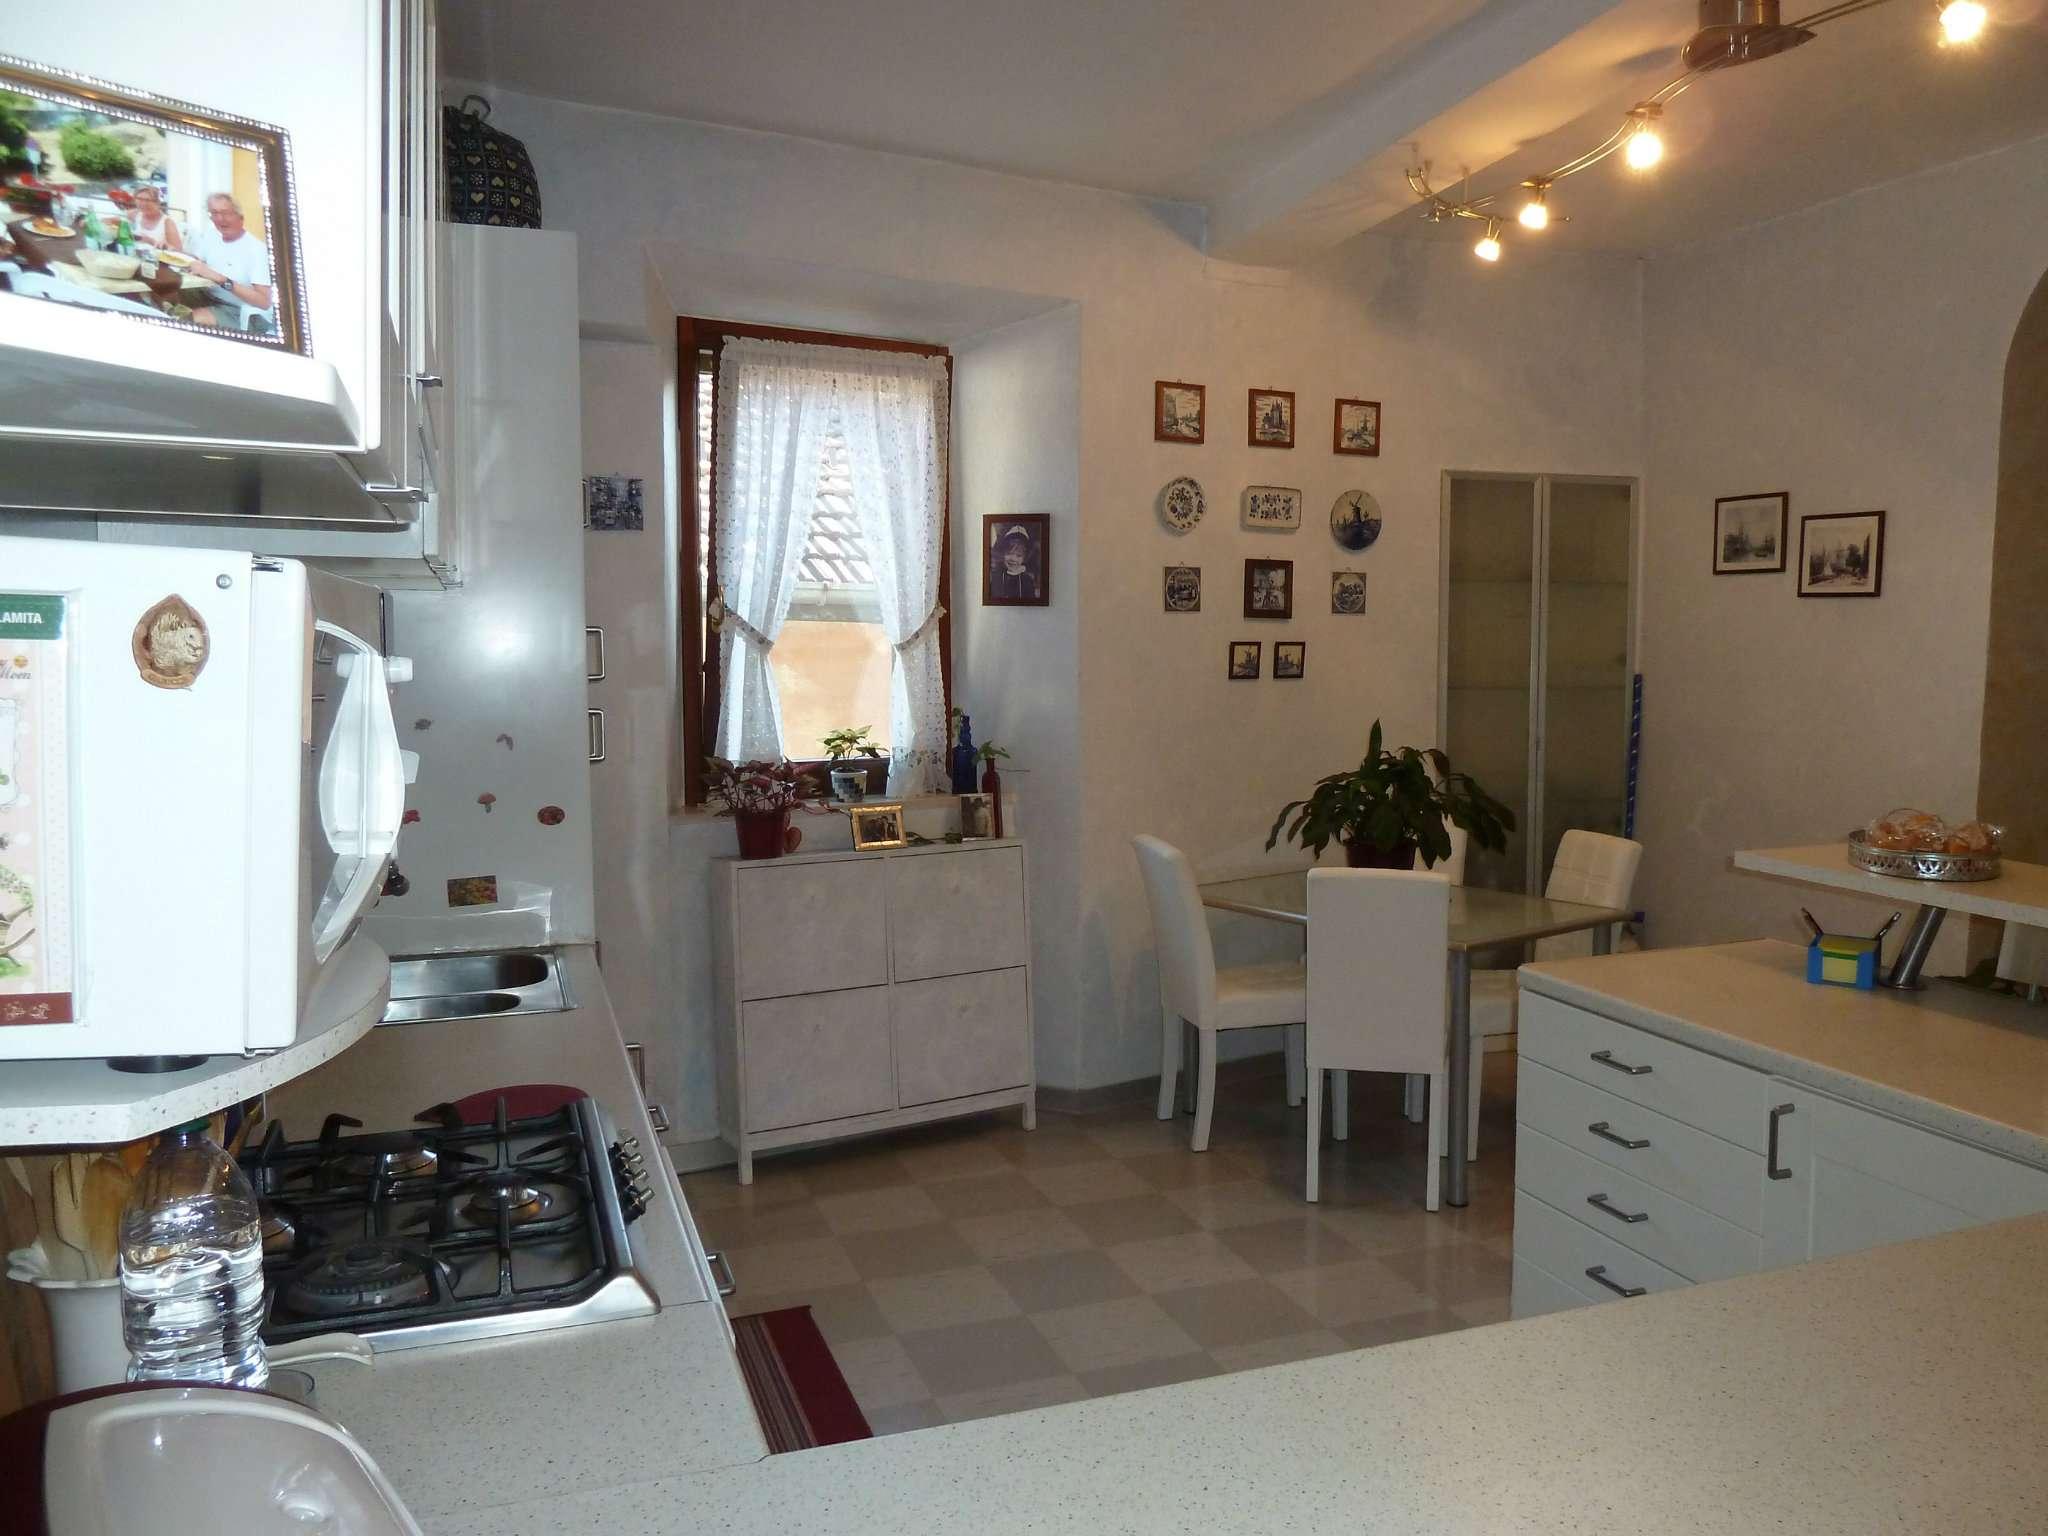 Palazzo / Stabile in vendita a Cazzago Brabbia, 5 locali, prezzo € 170.000   CambioCasa.it